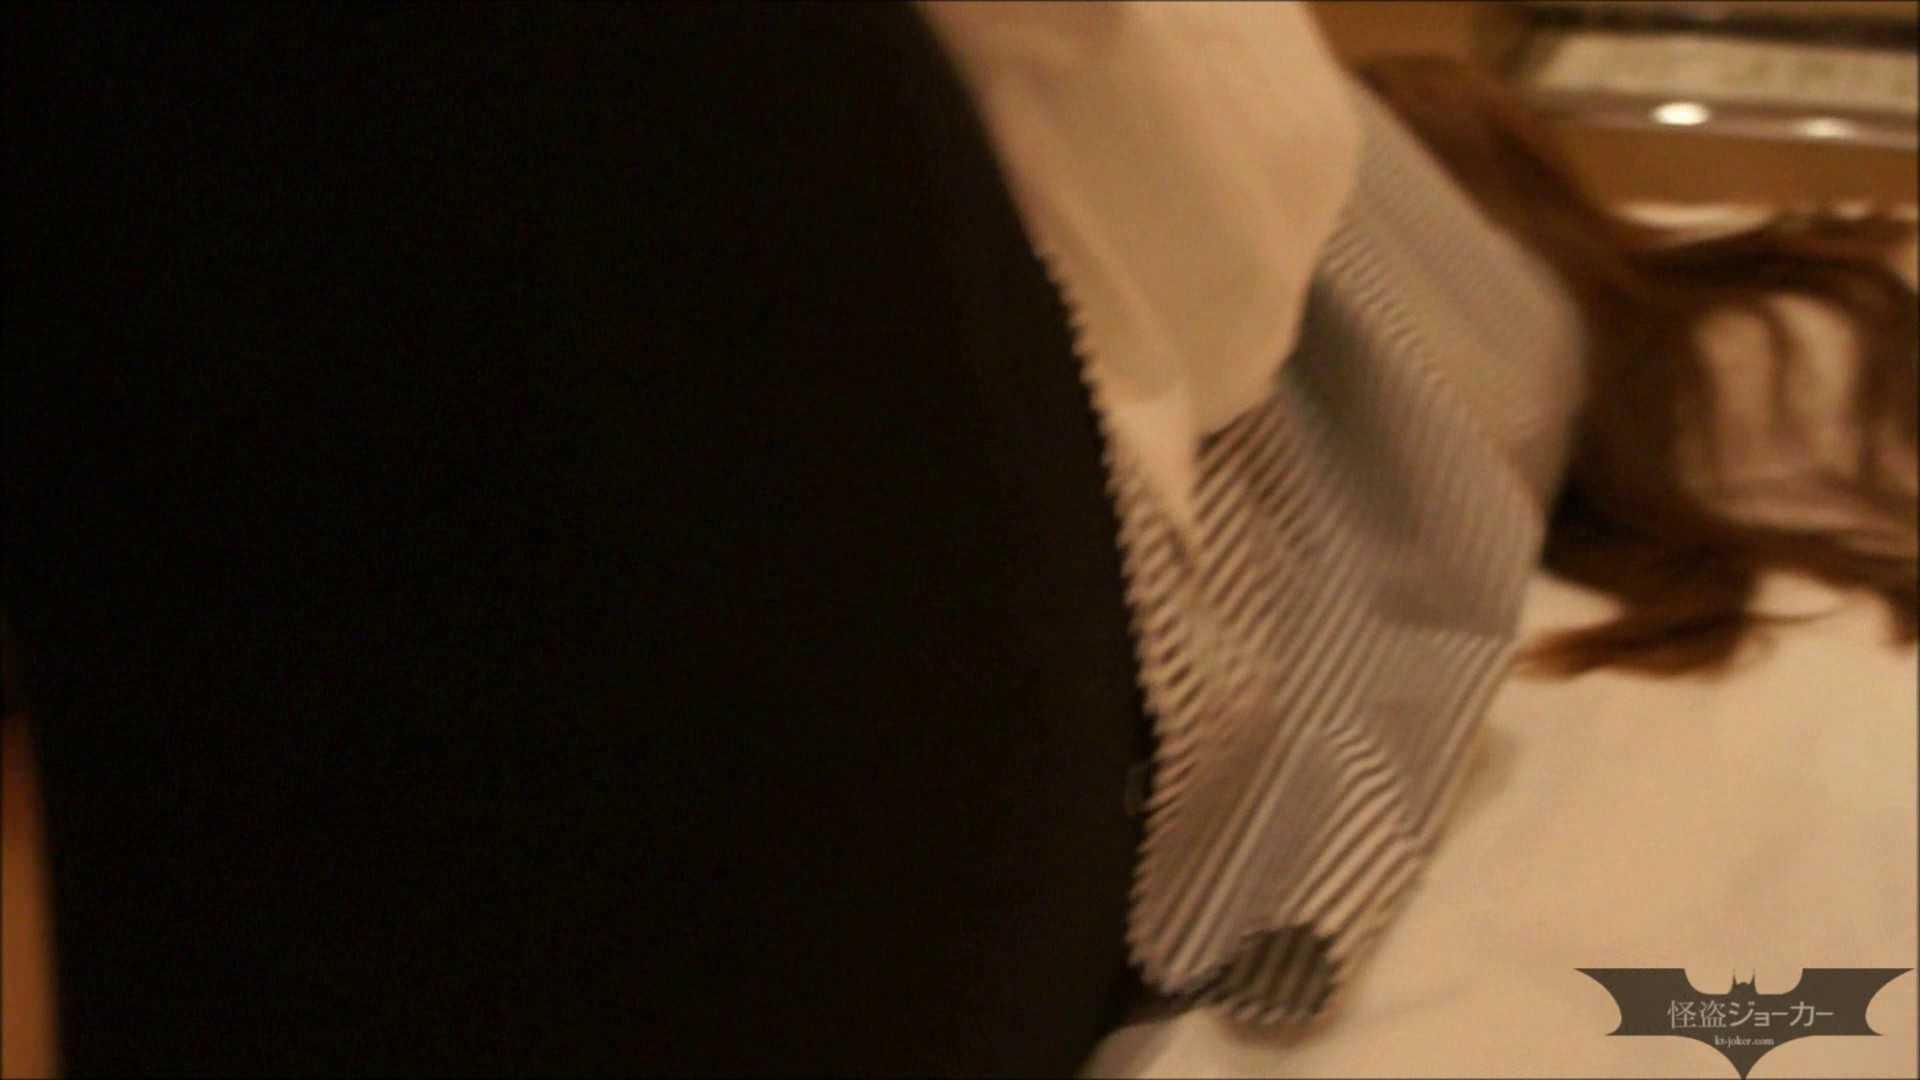 【未公開】vol.19 セレブ美魔女・仕事帰りに口淫、膣内射精、滴り落ちる精液。 お姉さんのSEX AV動画キャプチャ 86枚 3